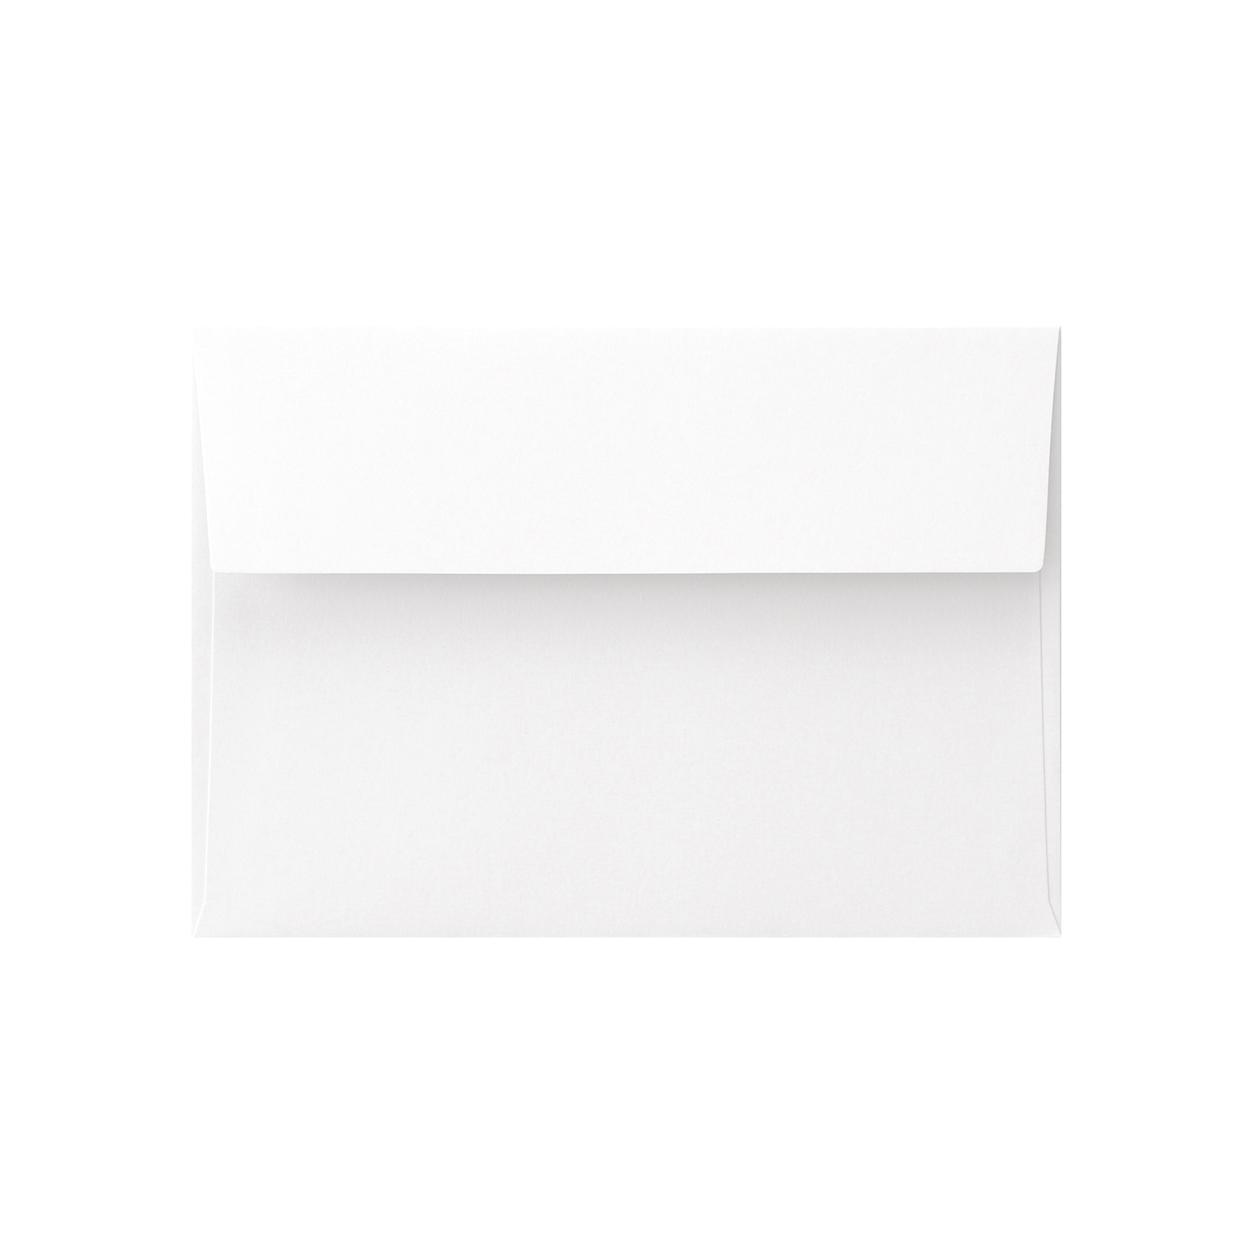 洋2カマス封筒 コットンオペーク ホワイト 116.3g